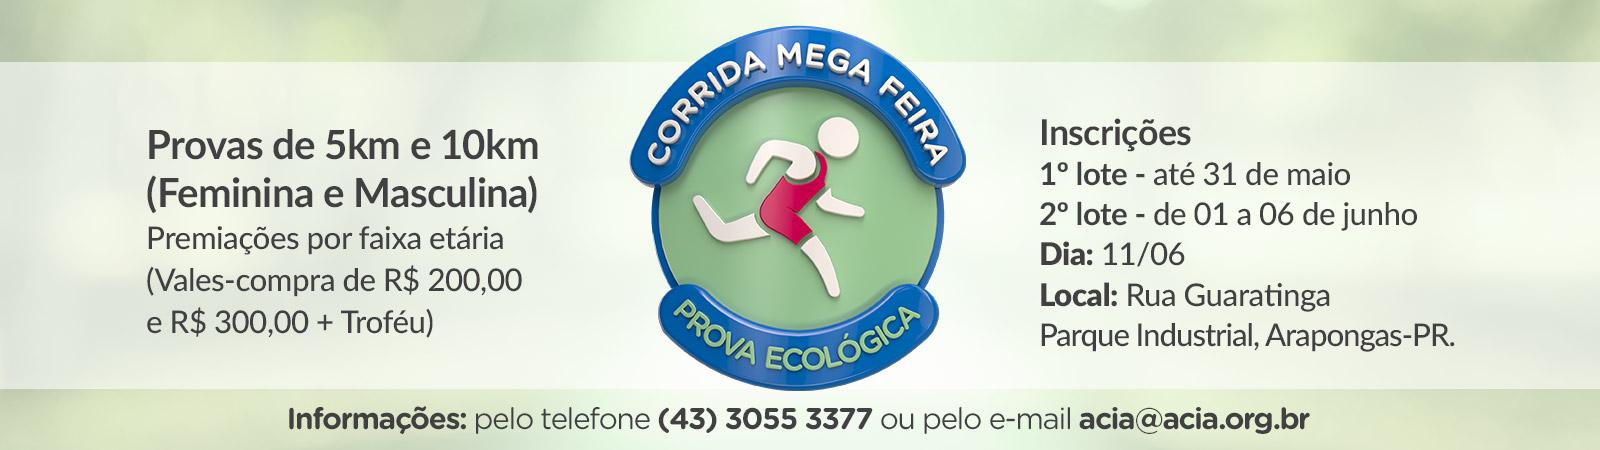 2ª CORRIDA MEGAFEIRA - PROVA ECOLÓGICA - Imagem de topo